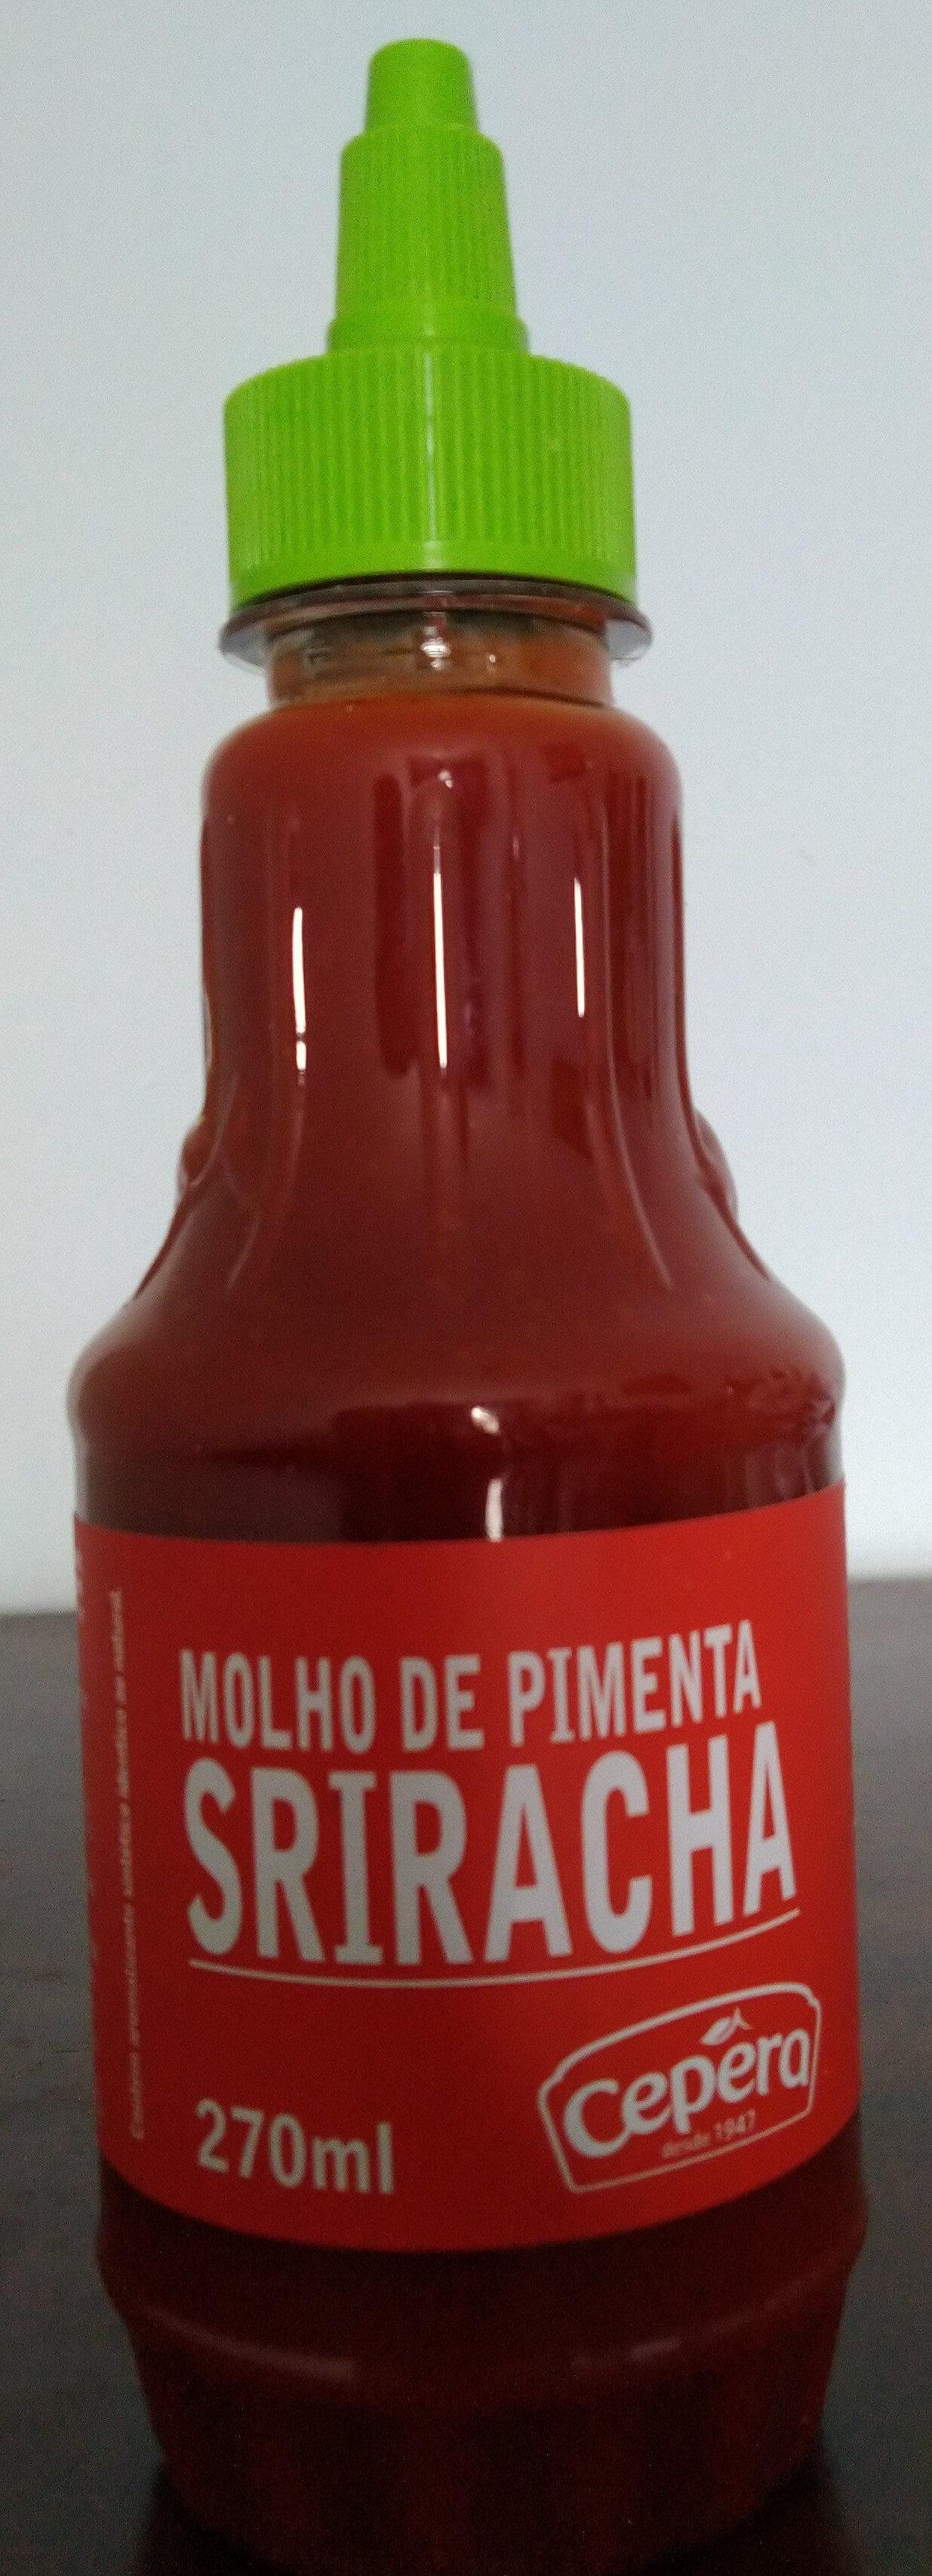 Molho de pimenta Sriracha - Produto - pt